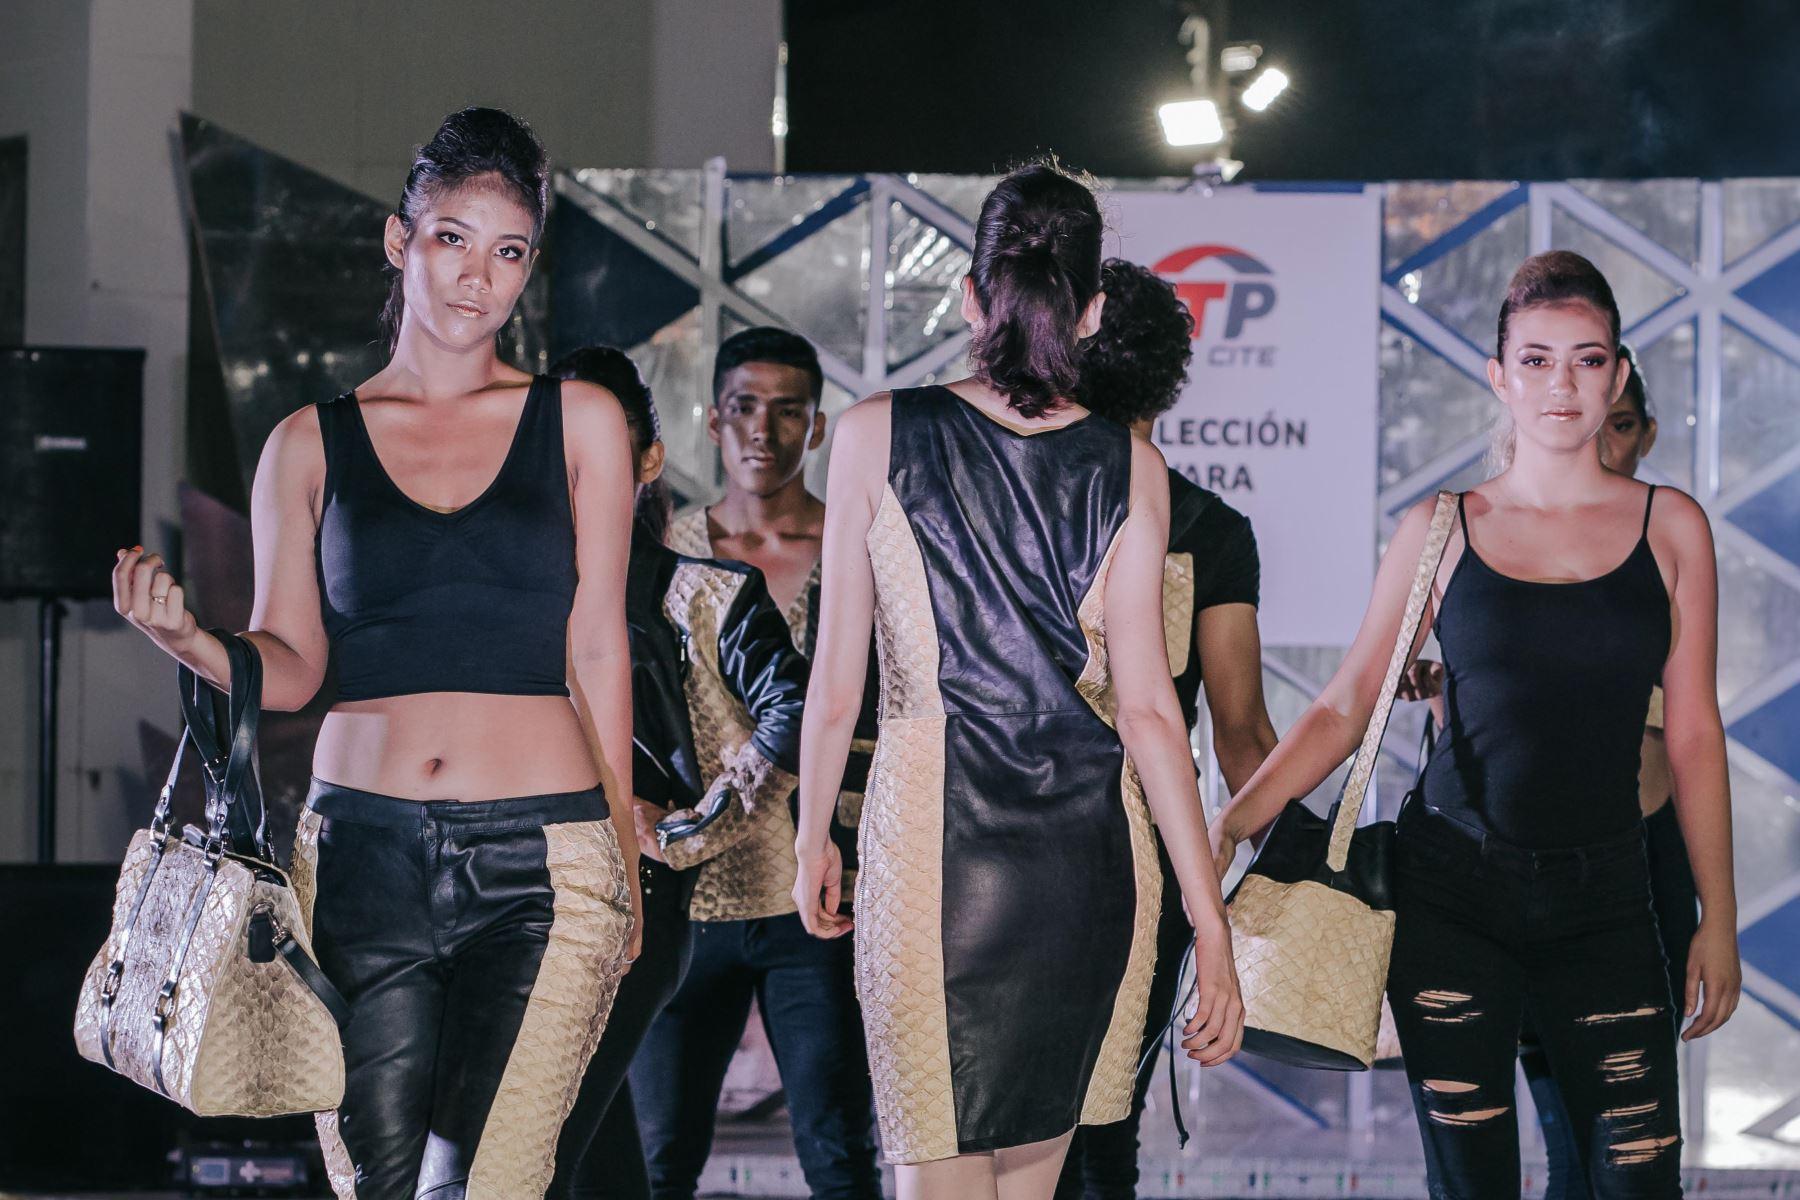 ANDINA/DifusiónITP presenta en Ucayali prendas, calzados y accesorios elaborados con piel de paiche. ANDINA/Difusión